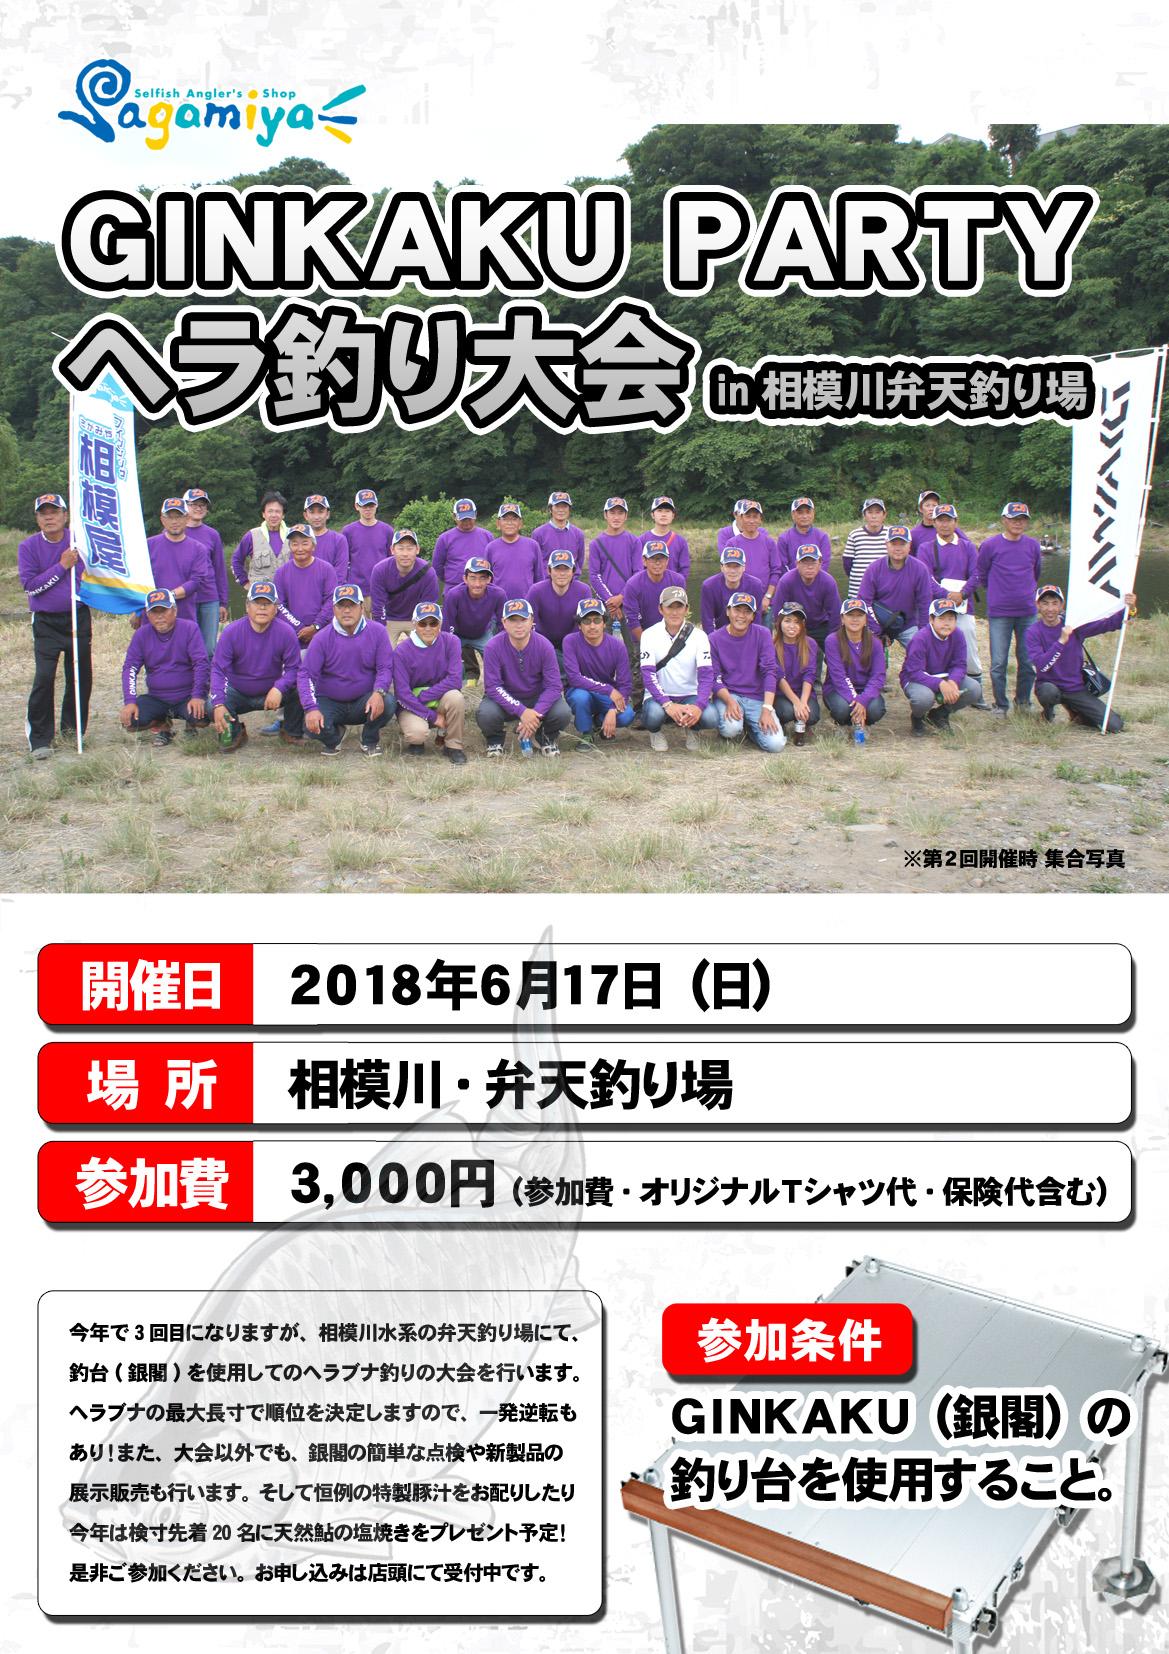 2018年6月17日(日)GINKAKU PARTY ヘラ釣り大会